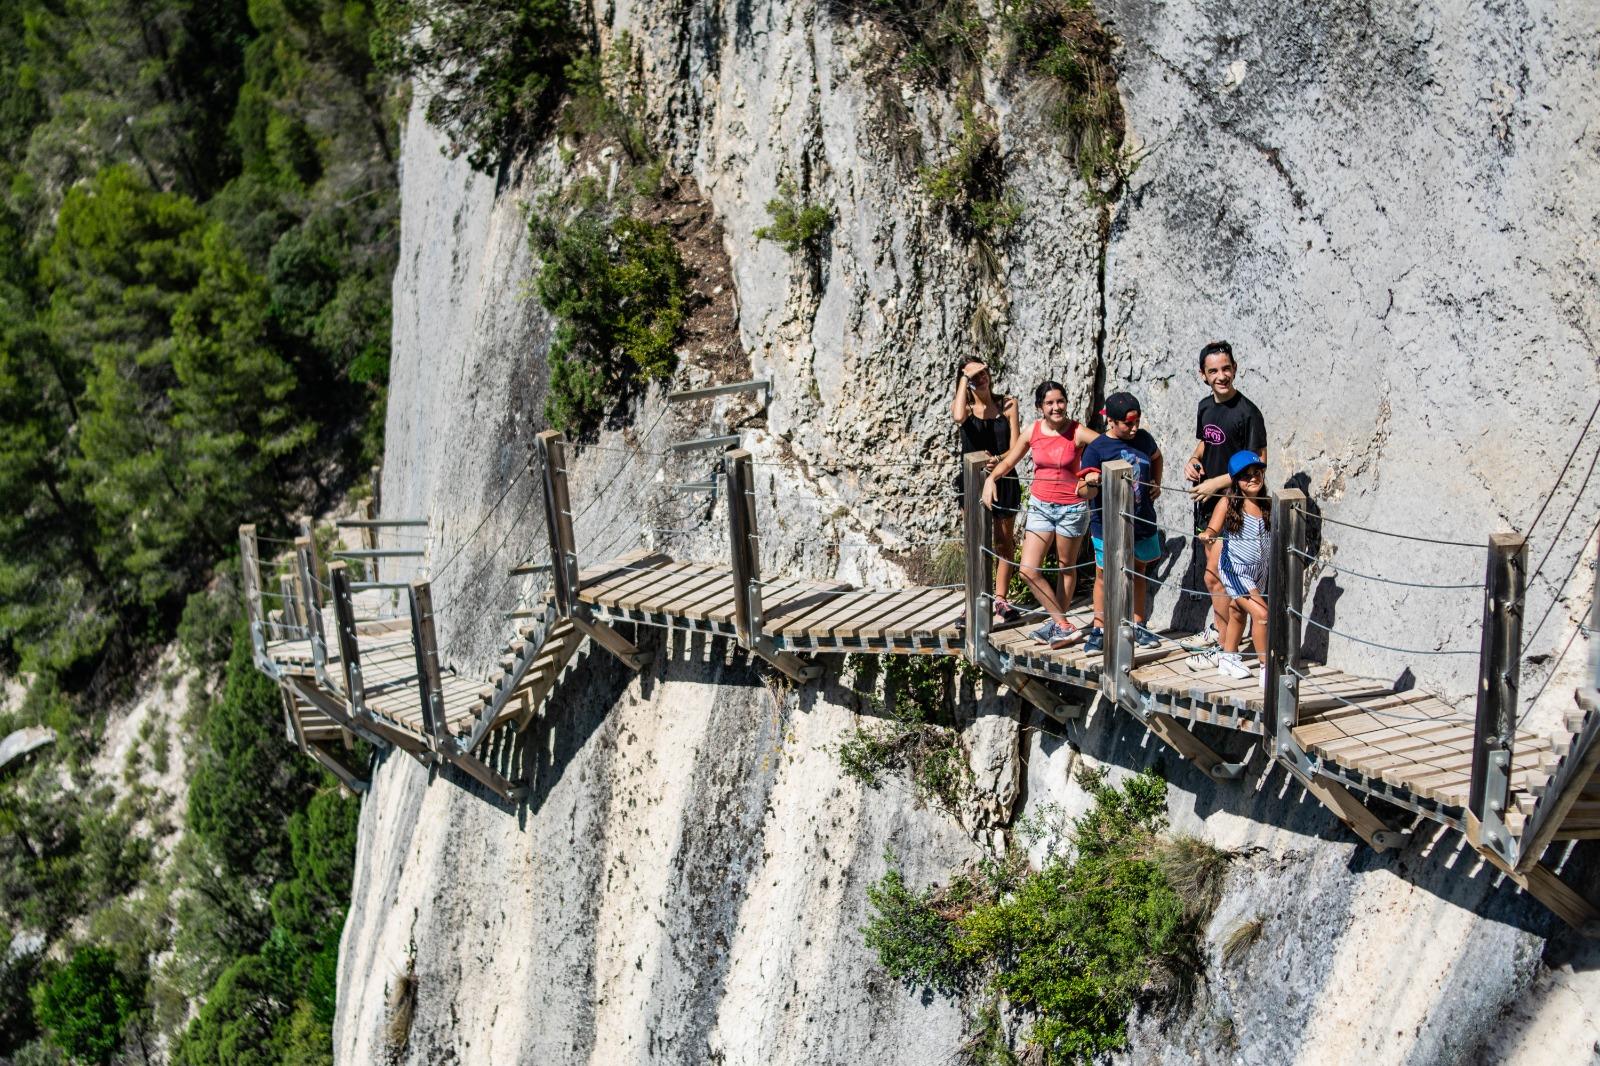 pasarelas, Montfalcó, ruta, escaleras, kayak, Àger, aventúrate, desfiladero, mont-rebei, carcoma, Aragón